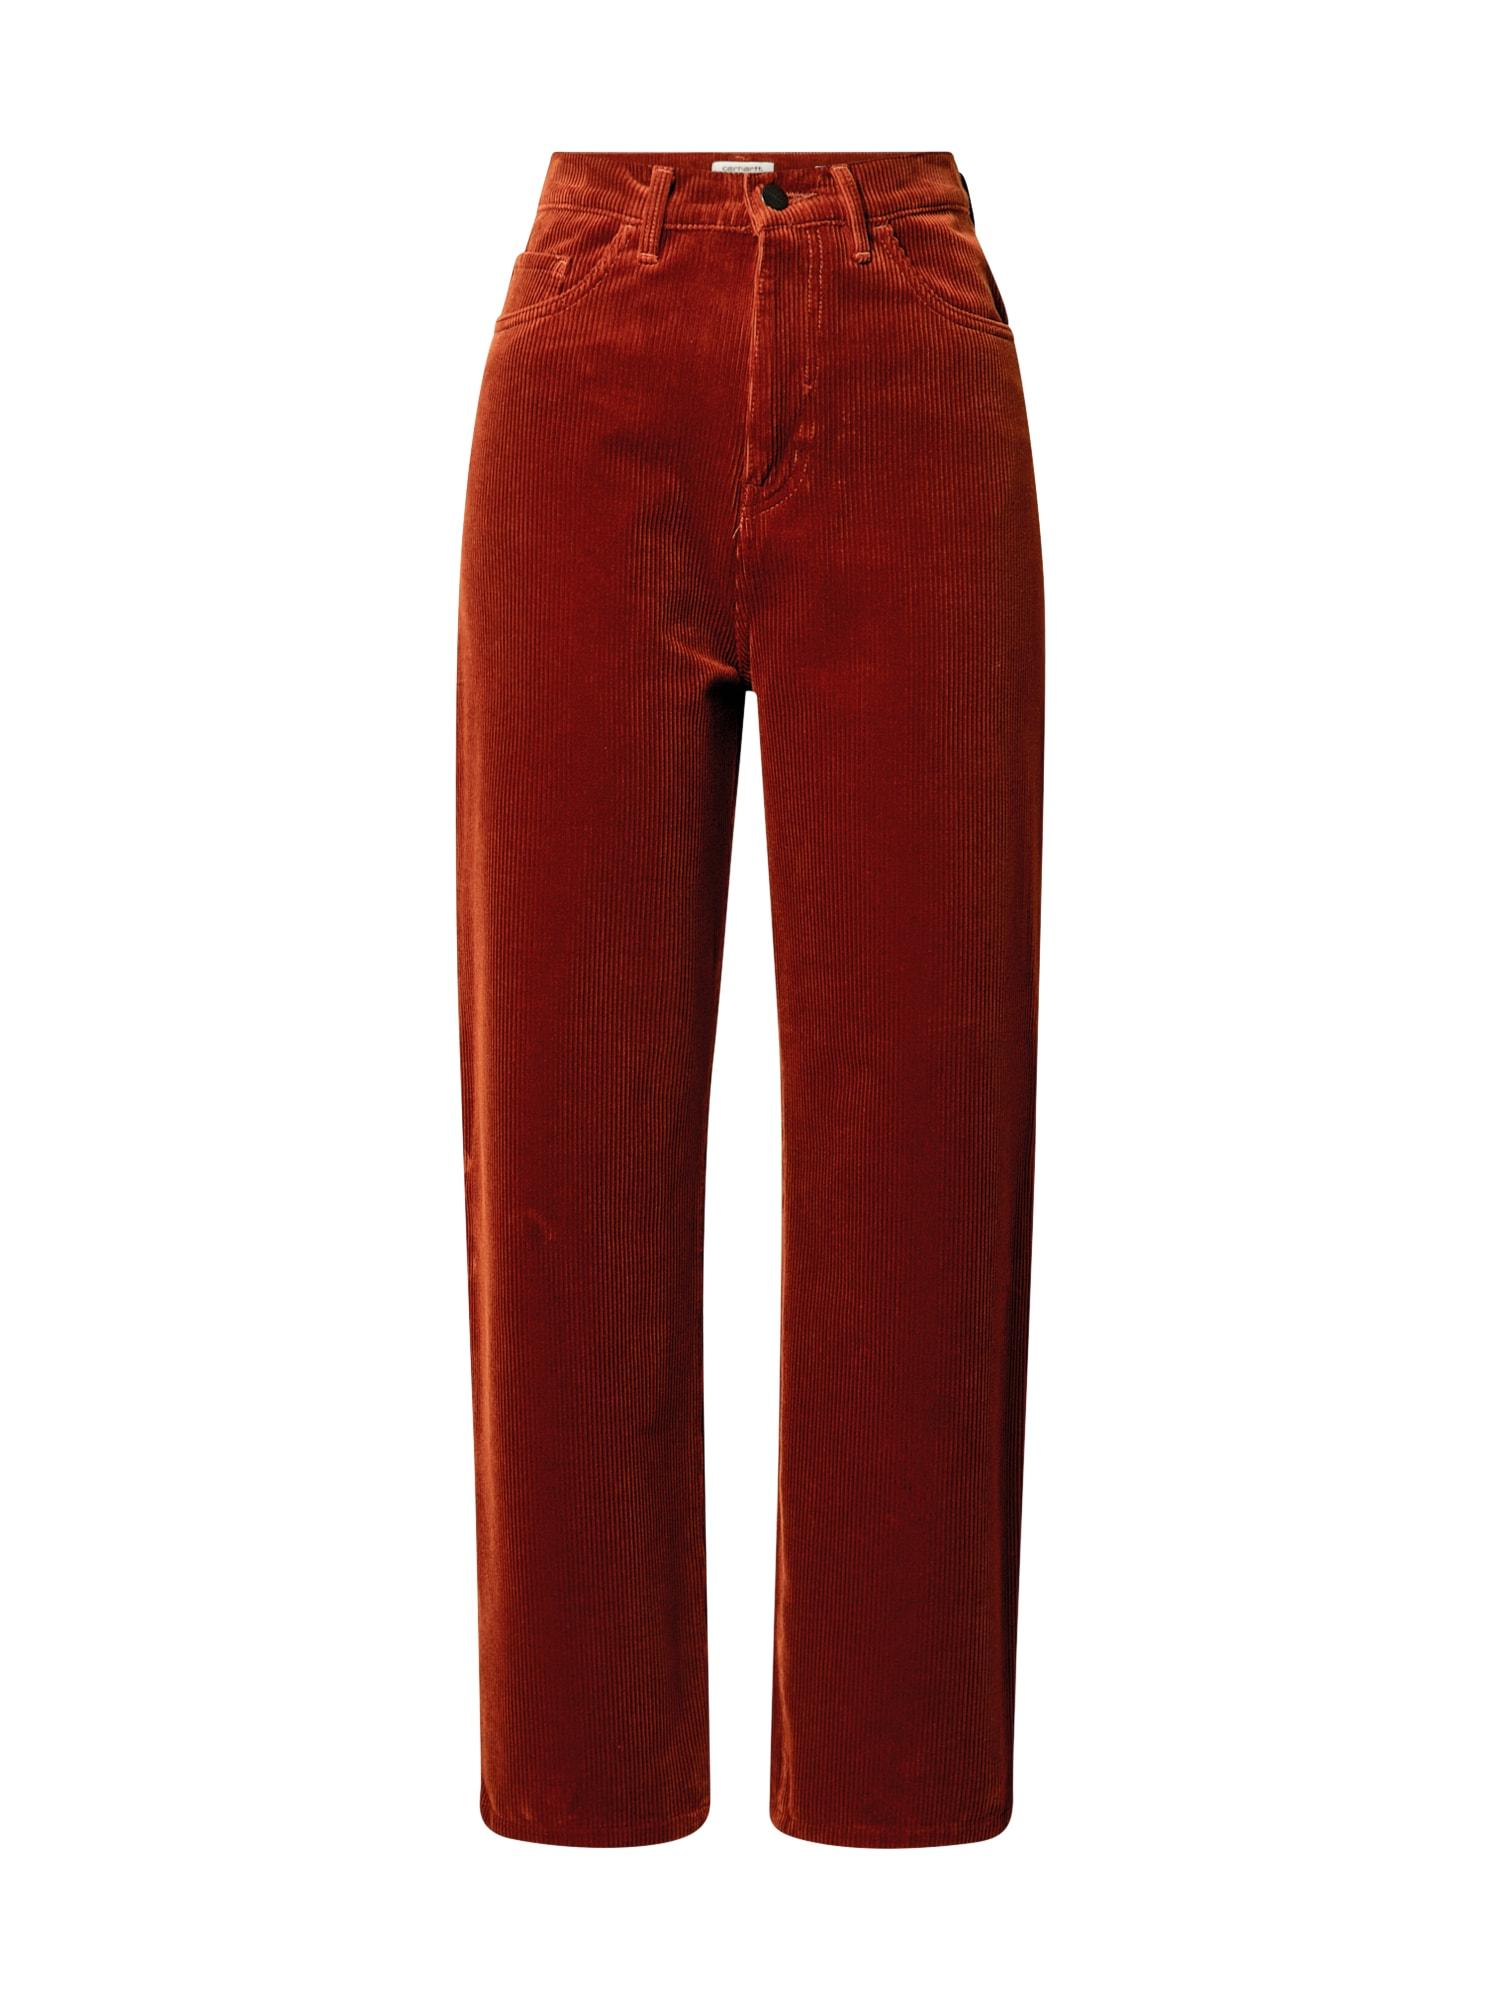 Carhartt WIP Kelnės ' Newport ' ruda (konjako)